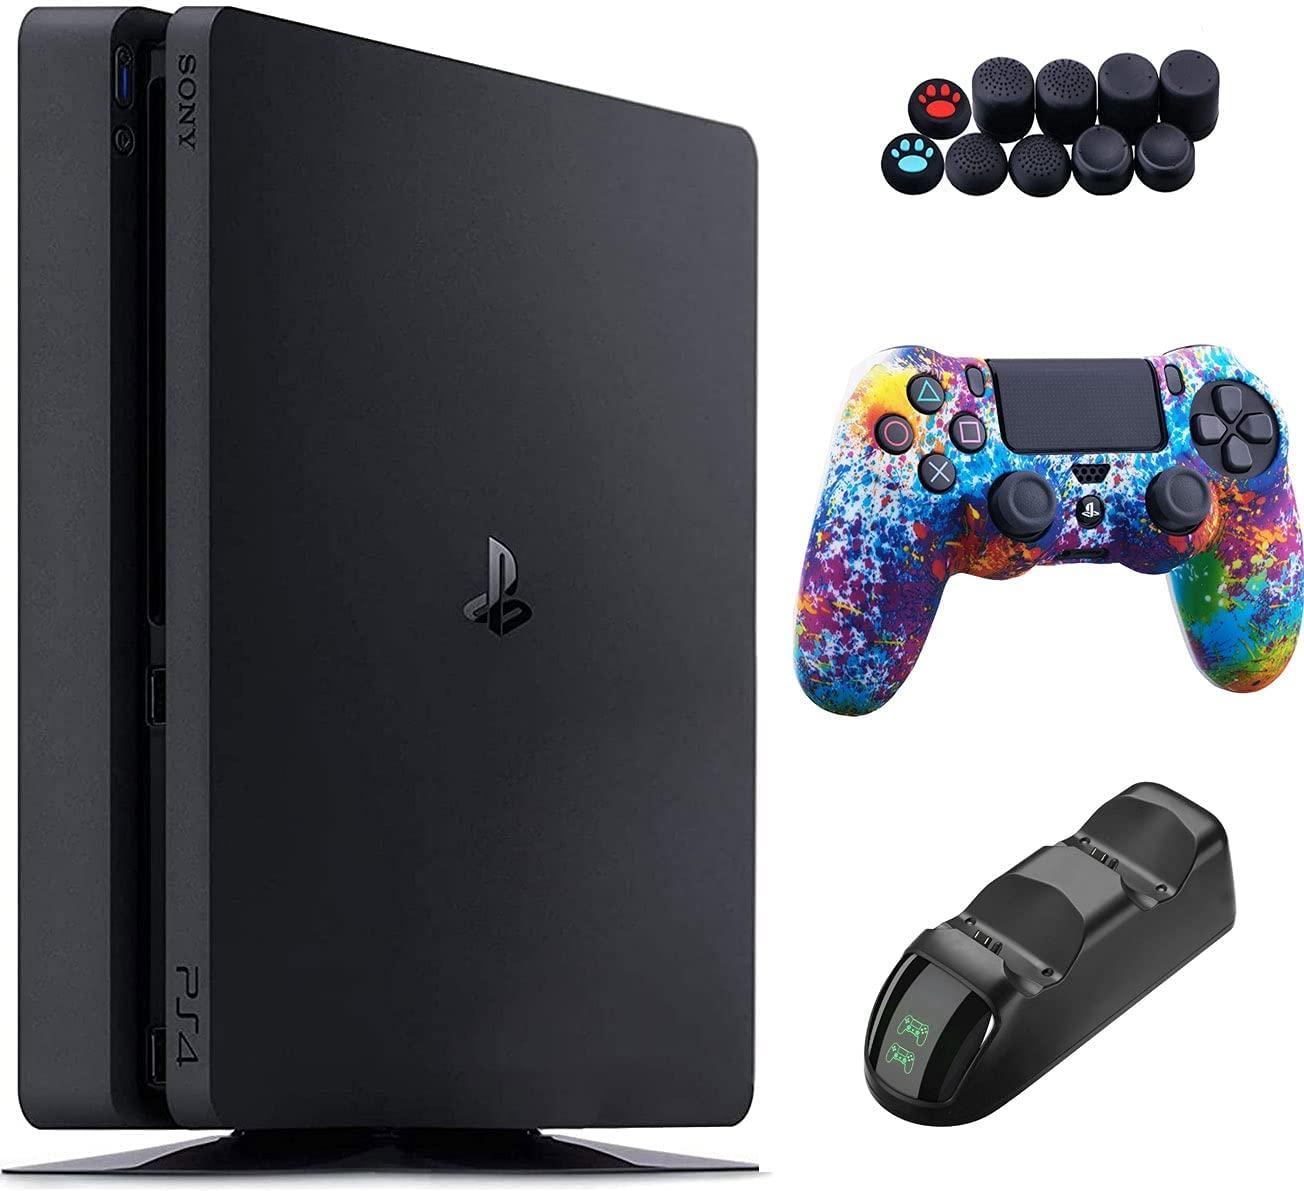 플레이 스테이션 4 1 테라바이트 콘솔-1 테라바이트 스토리지 DS4 무선 컨트롤러 및 GALLIUMPI3-IN-1 액세서리 키트가있는 블랙 PS4 슬림 에디션